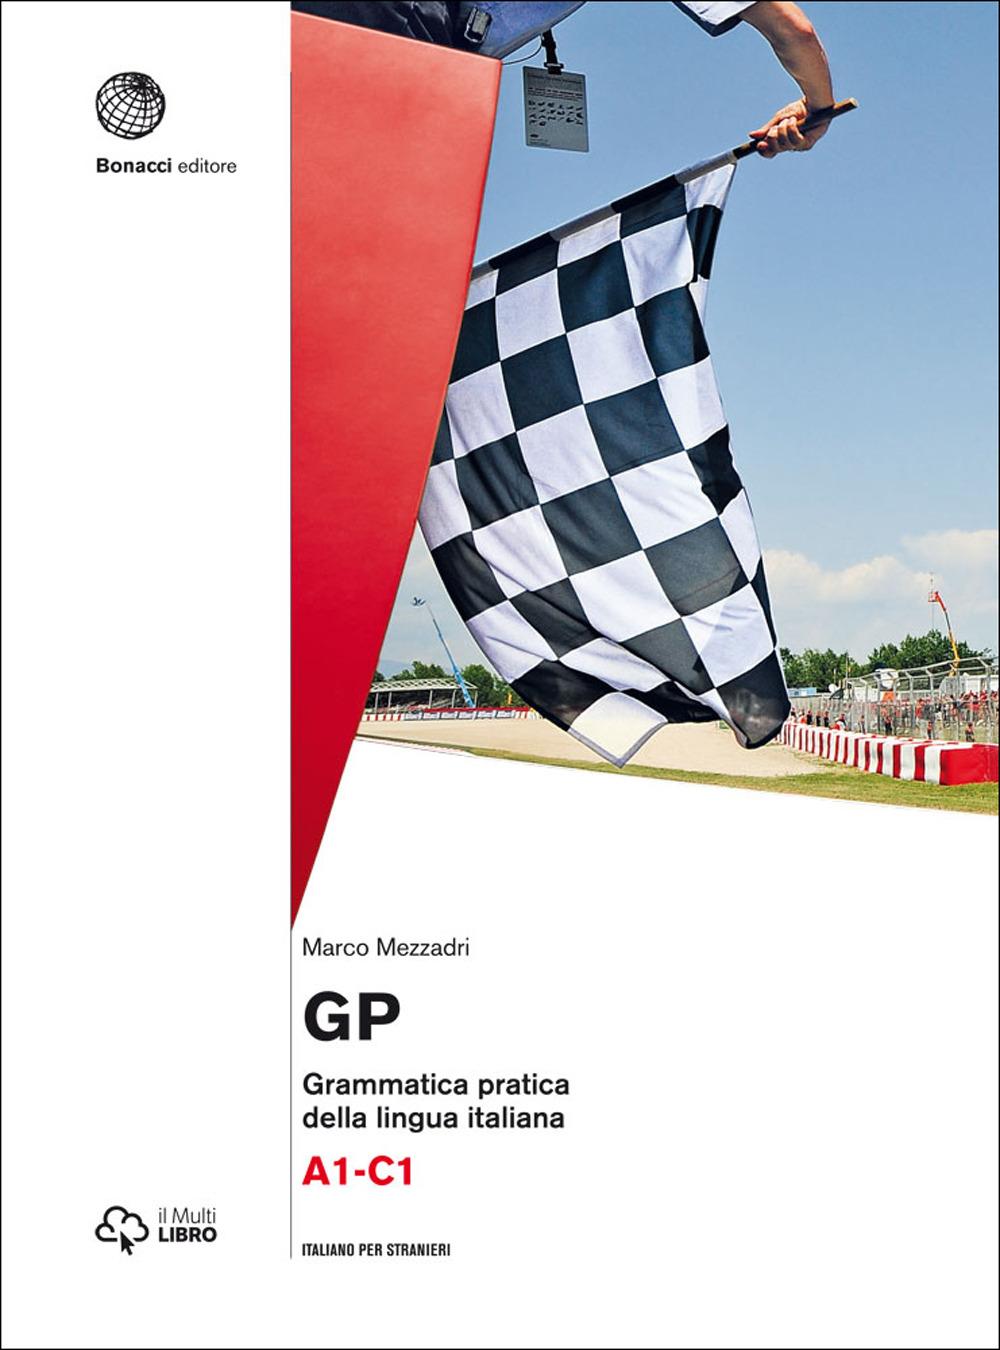 GP. Grammatica pratica della lingua italiana. Livello A1 C1